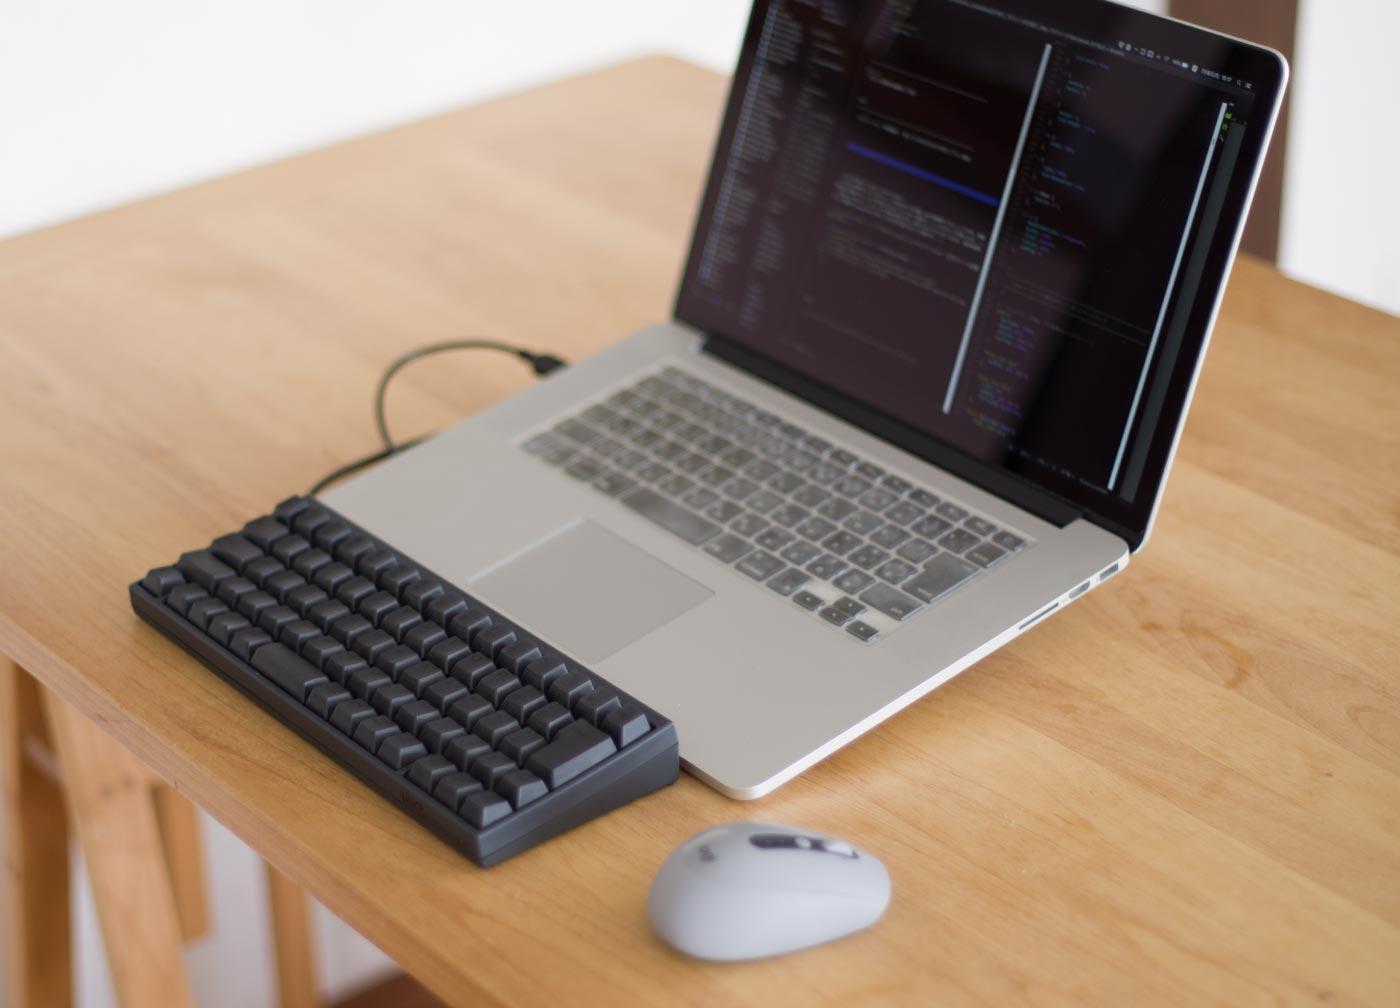 ロジクール M590 ミッドグレー macとhhkbにも馴染みます